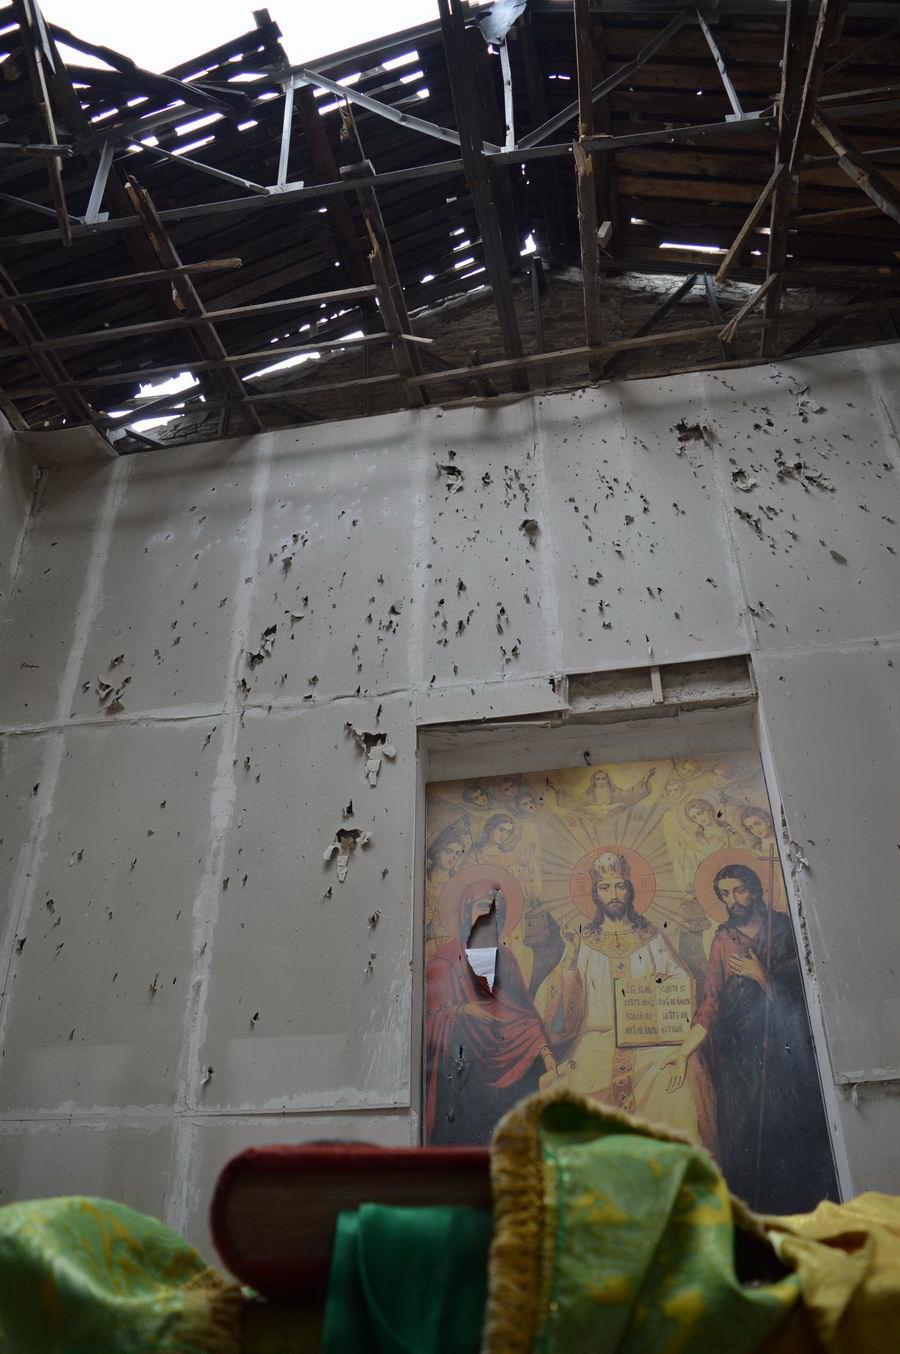 За время АТО в Луганской обл. повреждены 8 церквей, - ЛОГА